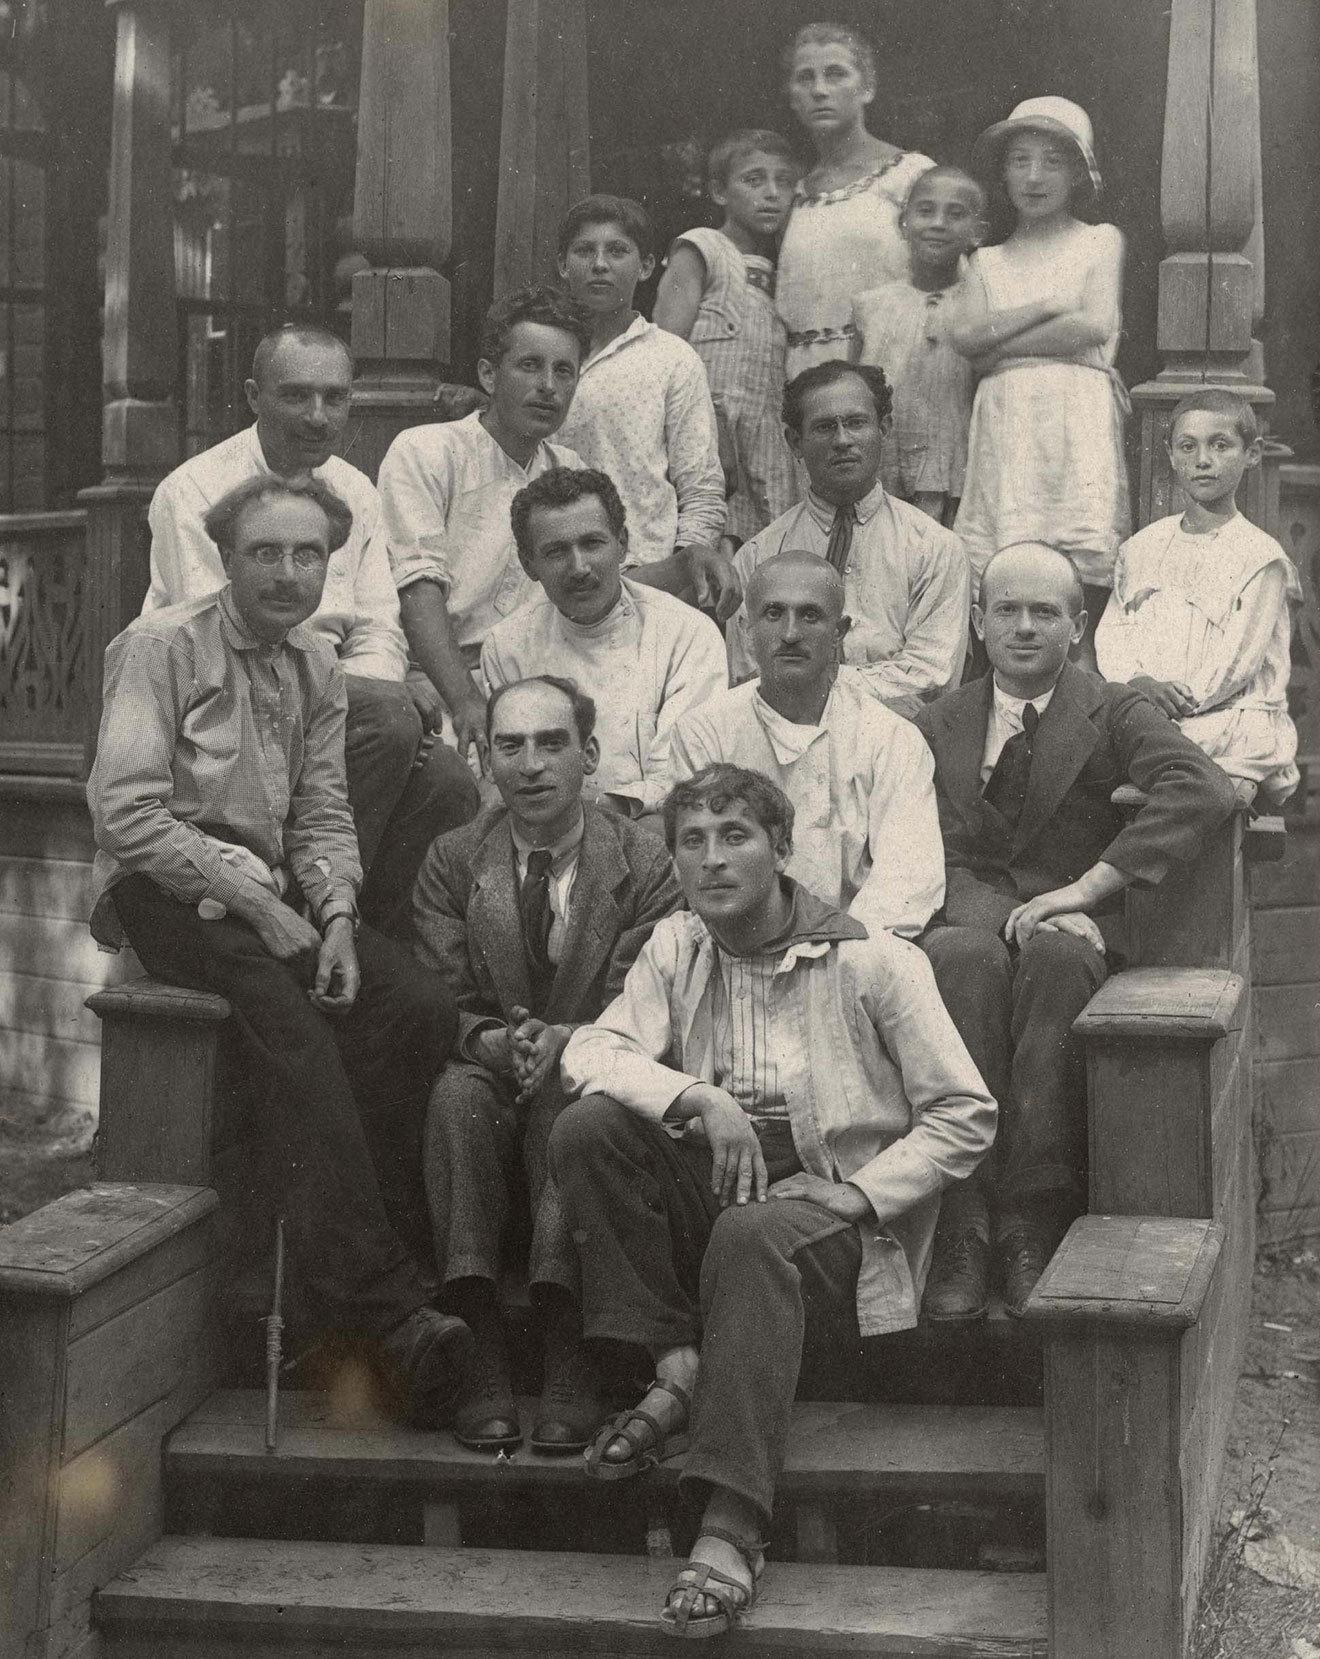 Марк Шагал, Дер Нистер, Давид Гофштейн и другие преподаватели и дети в еврейском детском доме в Малаховке. 1921 год / American Jewish Joint Distribution Committee Archives